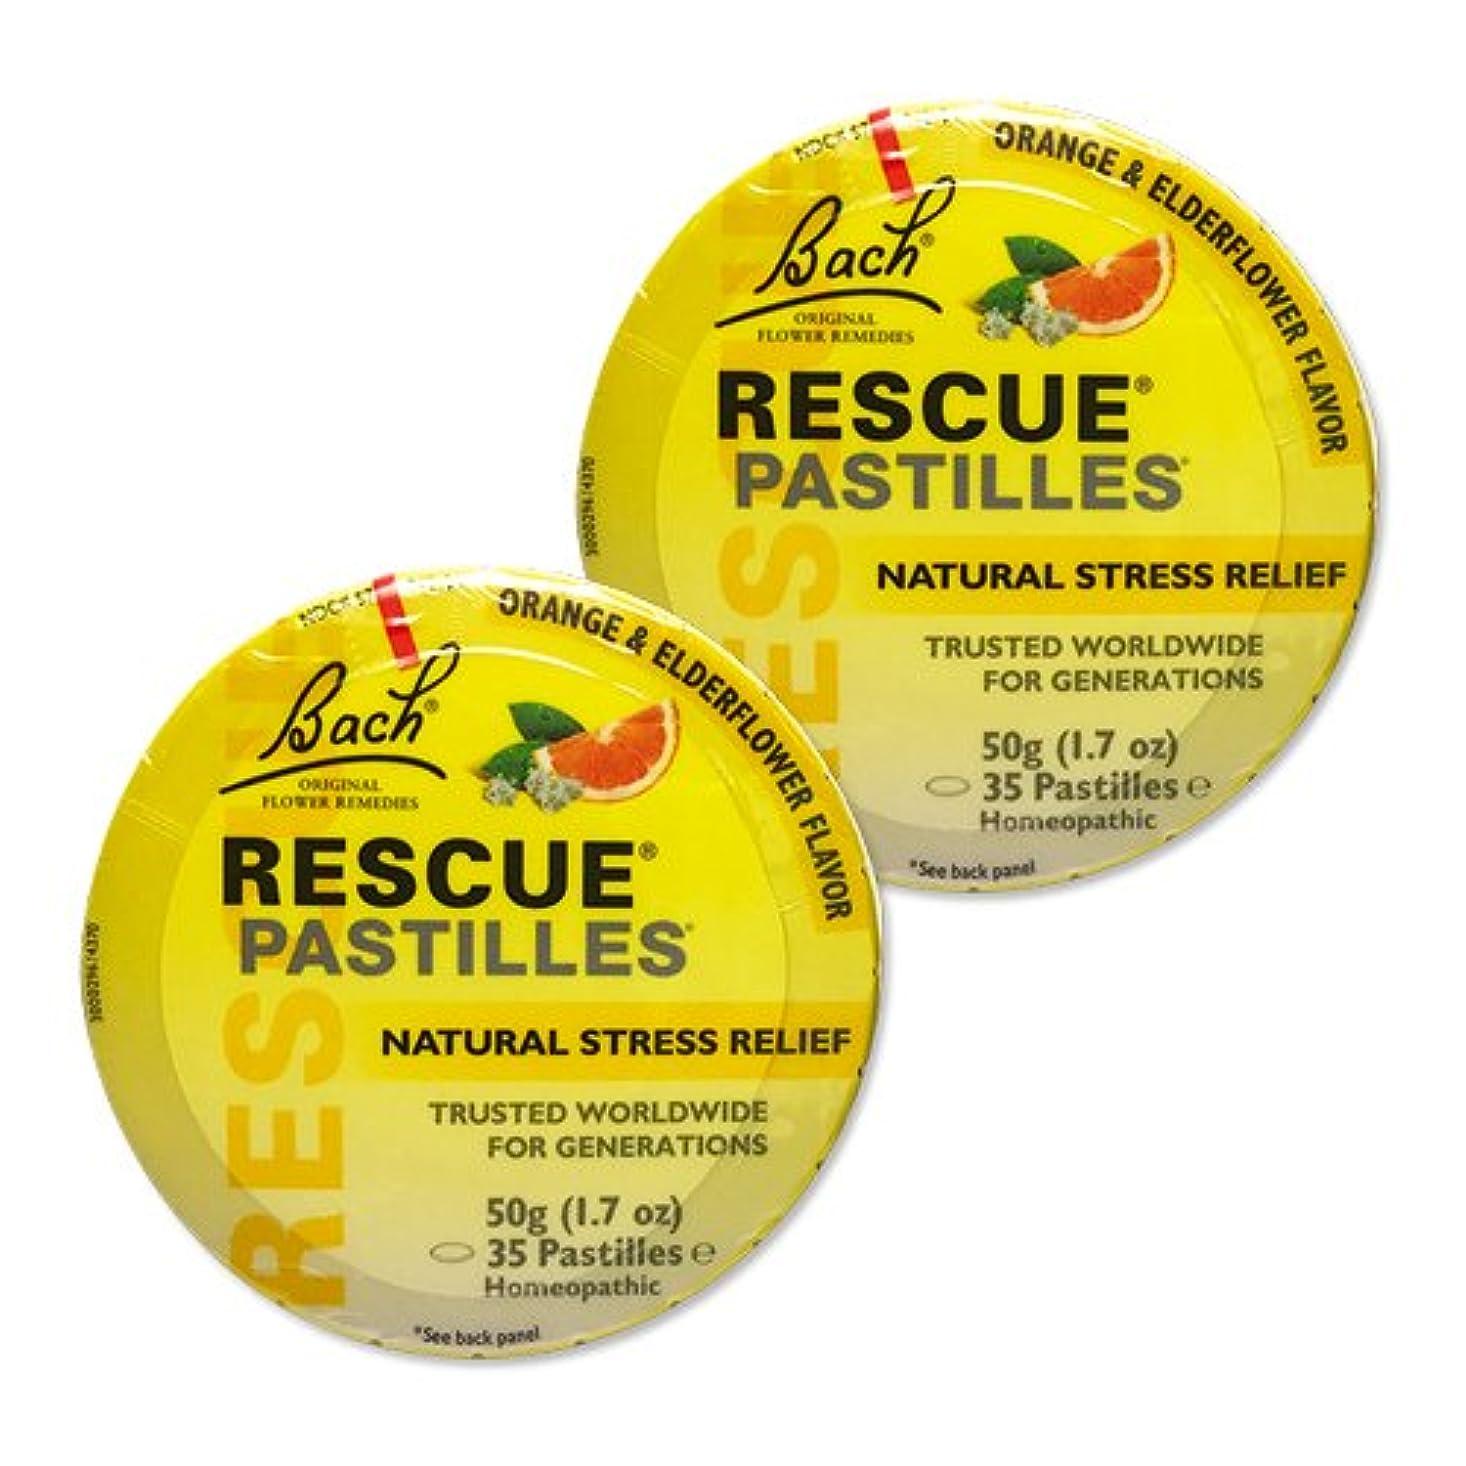 農奴アレイなに【2個セット】 [海外直送品]バッチフラワー レスキューレメディー パステル(オレンジ) Rescue Pastilles: For Occasional...